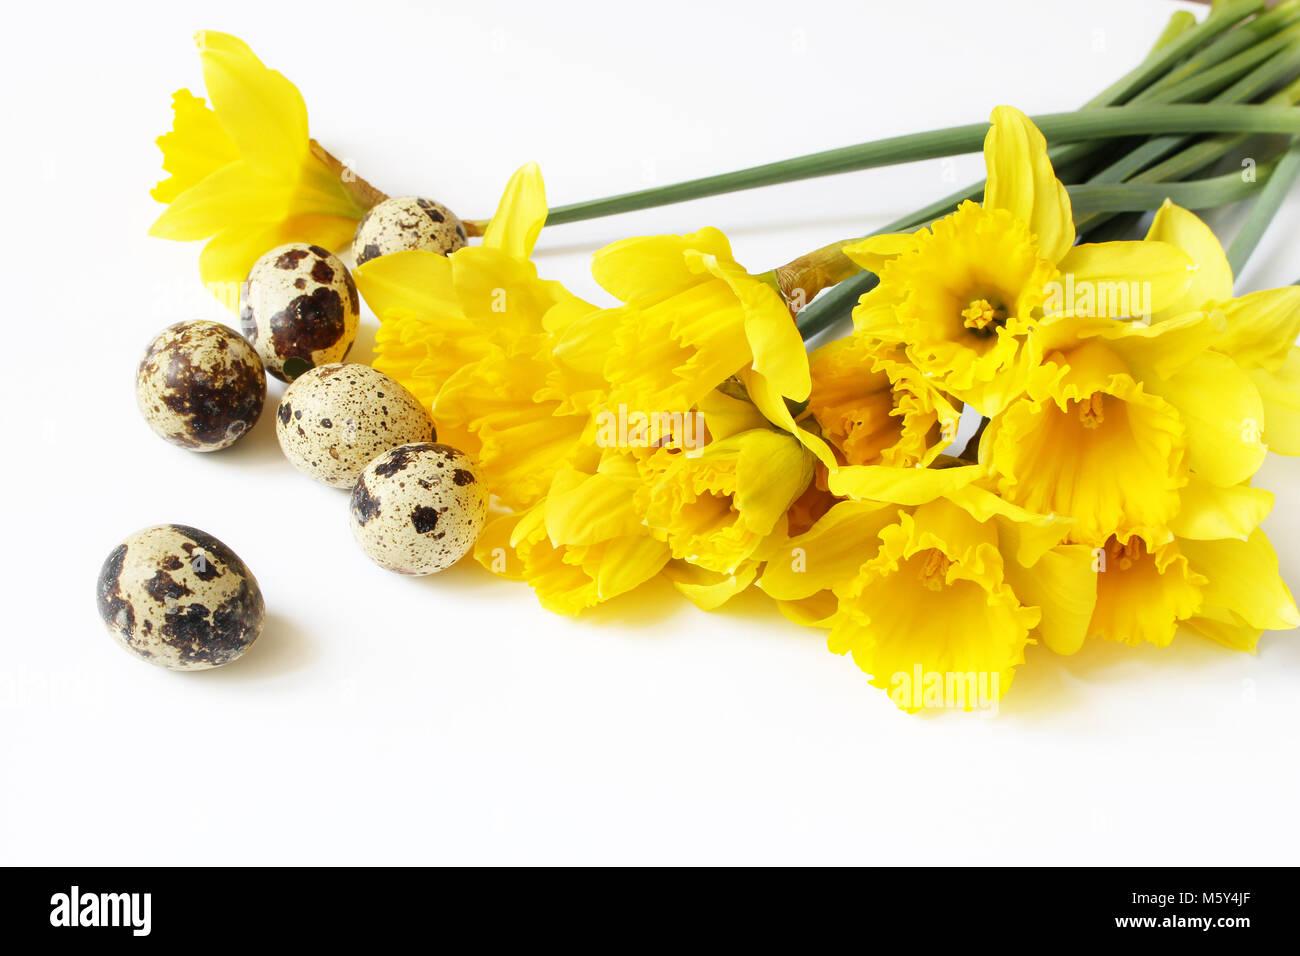 Printemps Pâques, carte de vœux, invitation avec des oeufs de cailles et jaune jonquilles, narcisses fleurs couché sur le tableau blanc. Style Féminin stock photo, composition florale. Banque D'Images